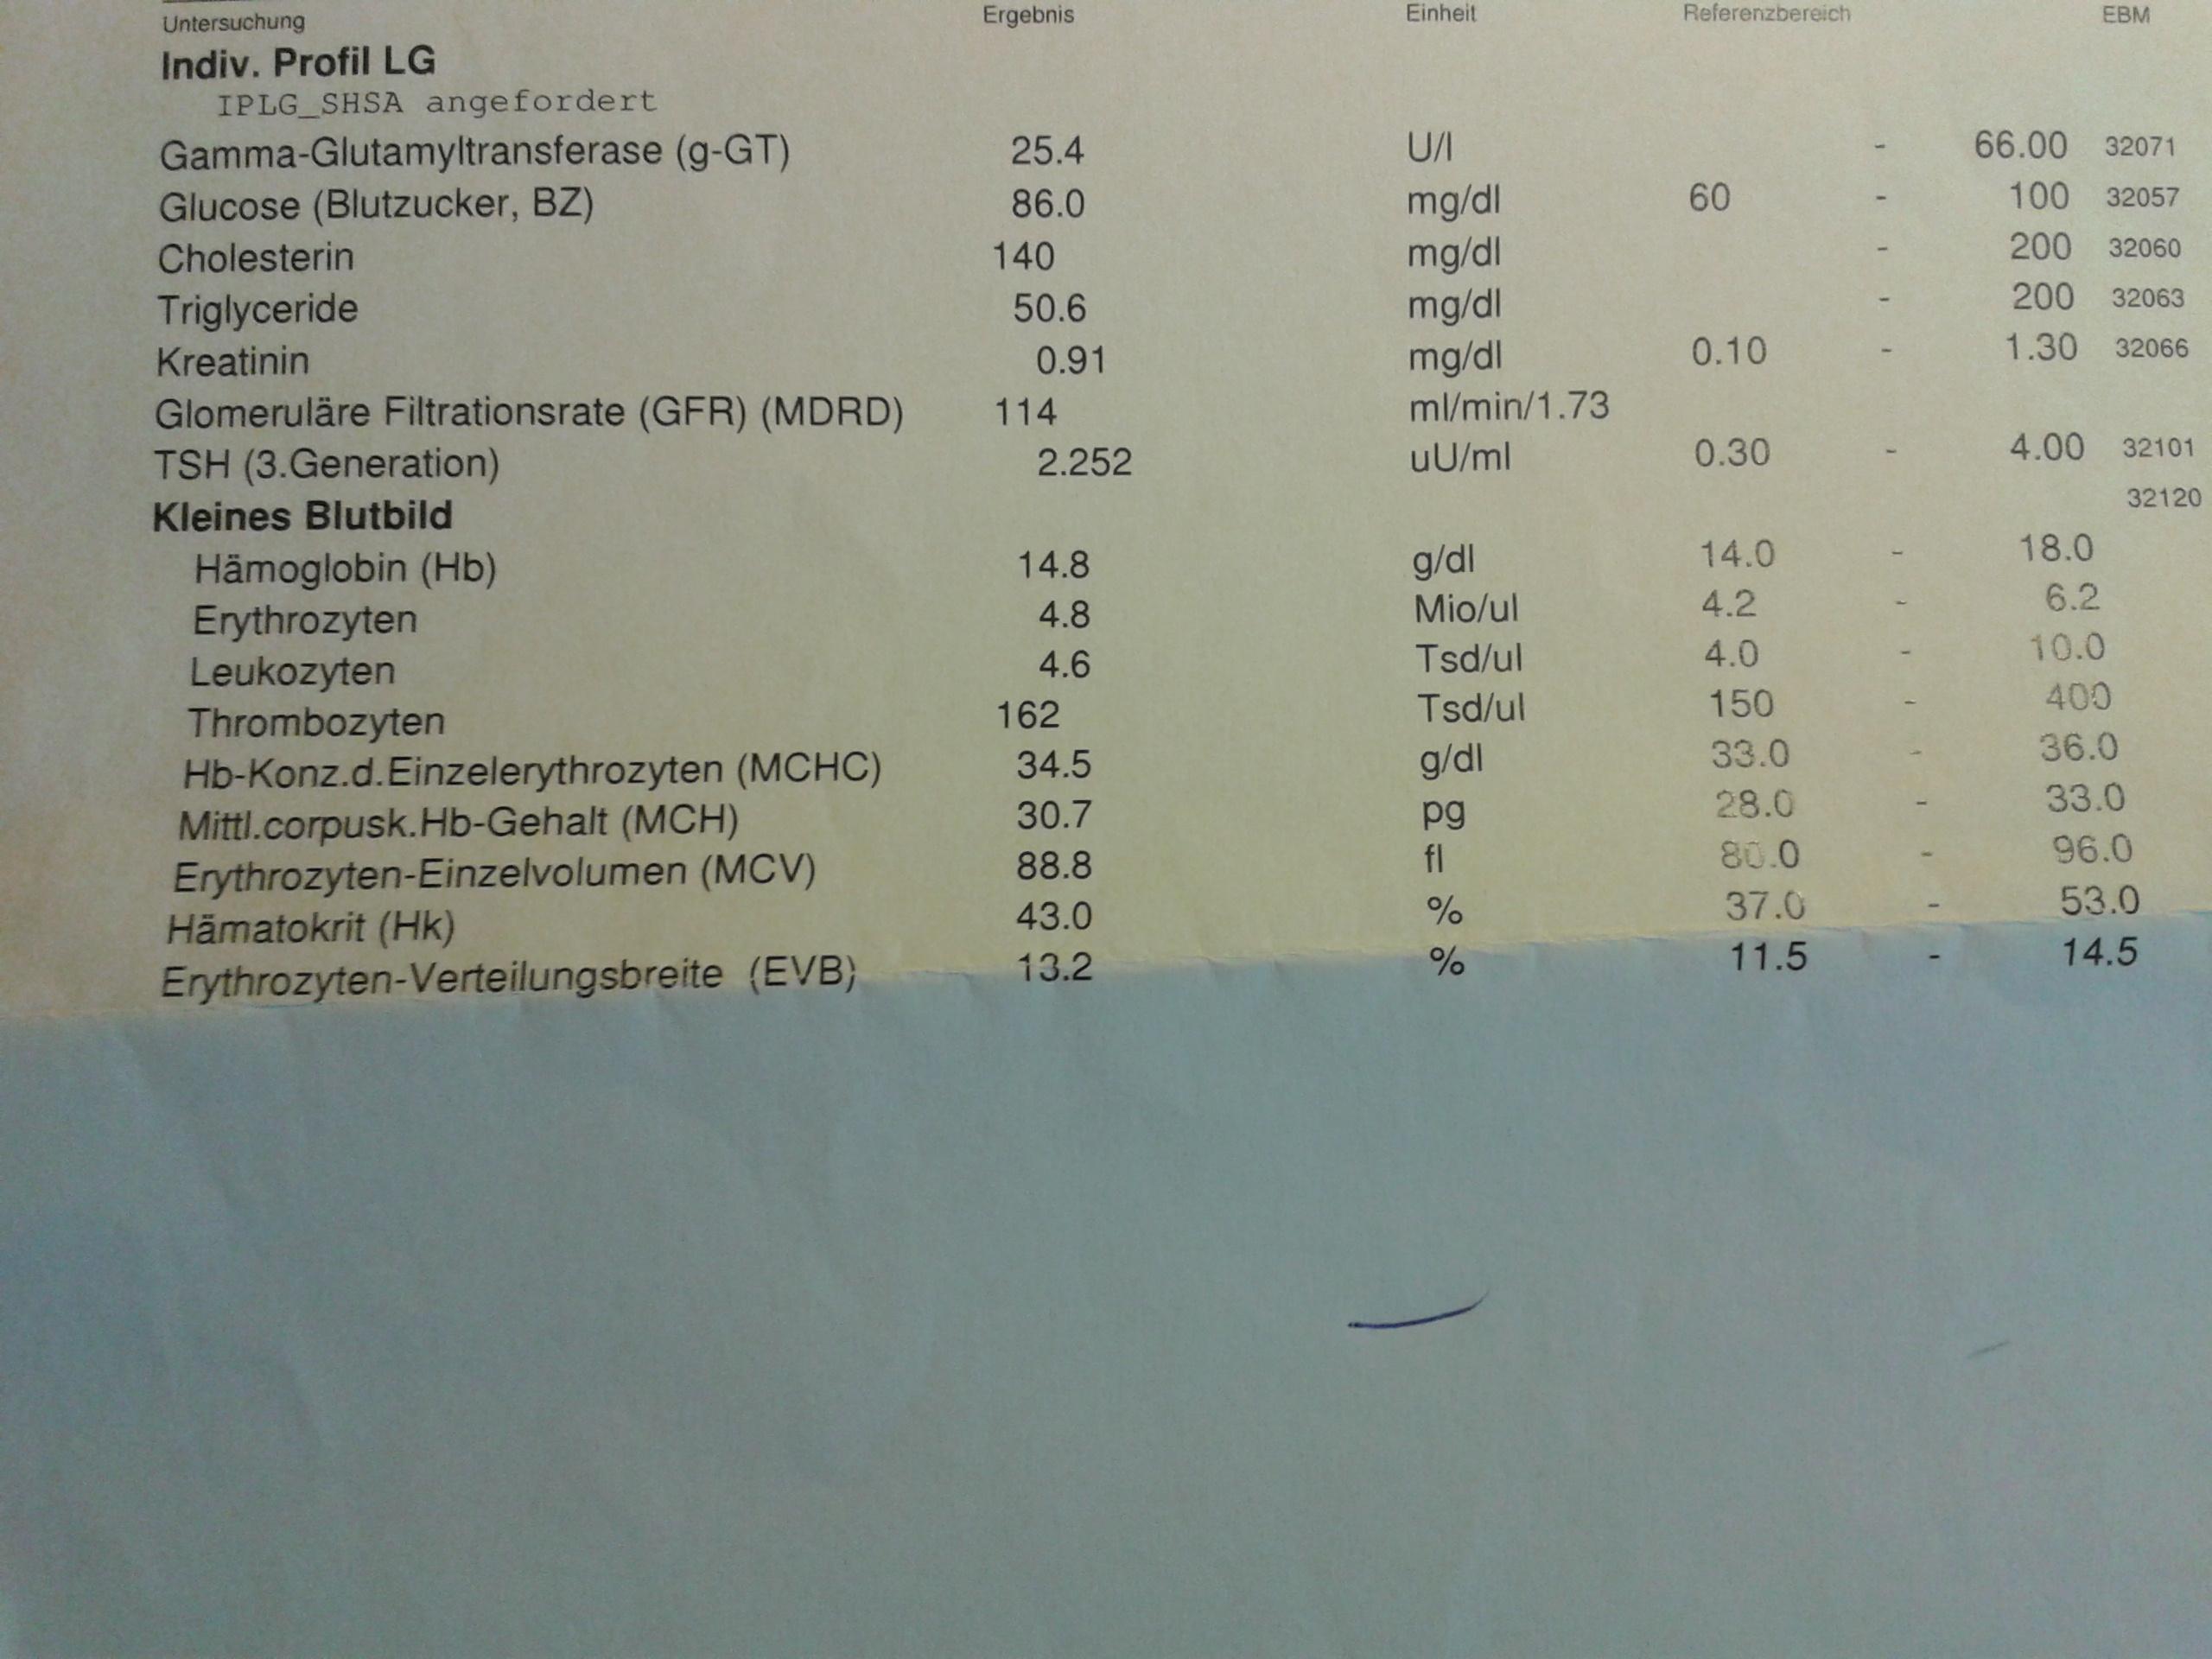 Statt HIV-Test ein allgemeiner Bluttest